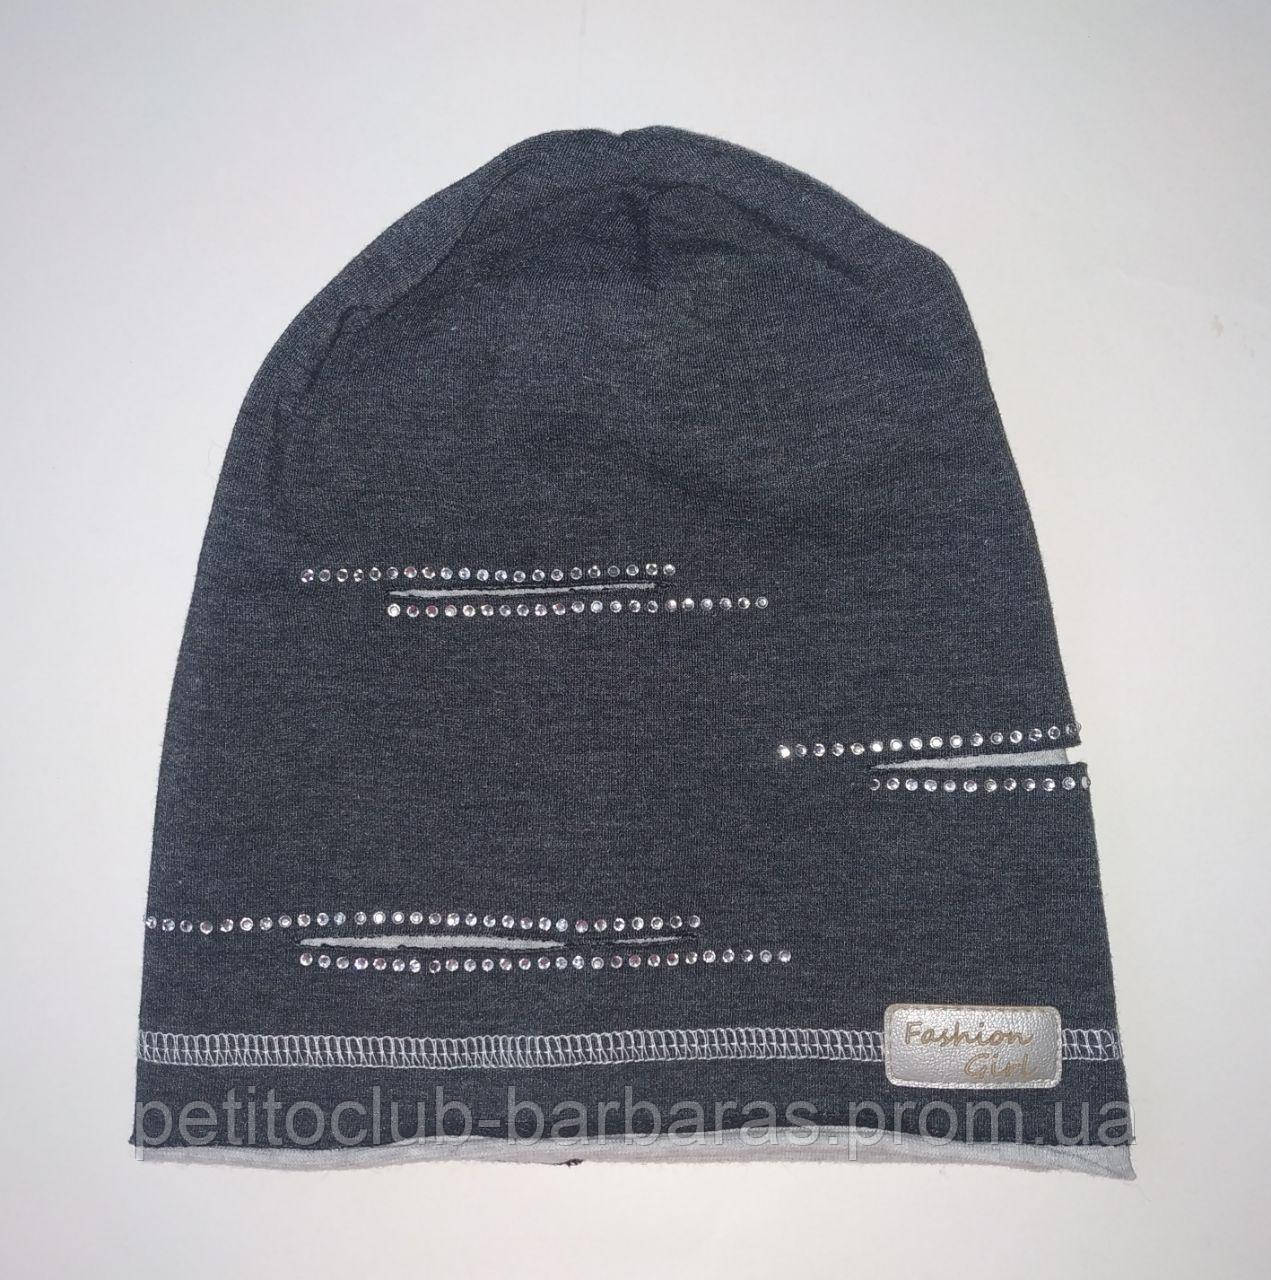 Демисезонная хлопковая шапка для девочки Fashion Girl темно-серая (AJS,Польша)